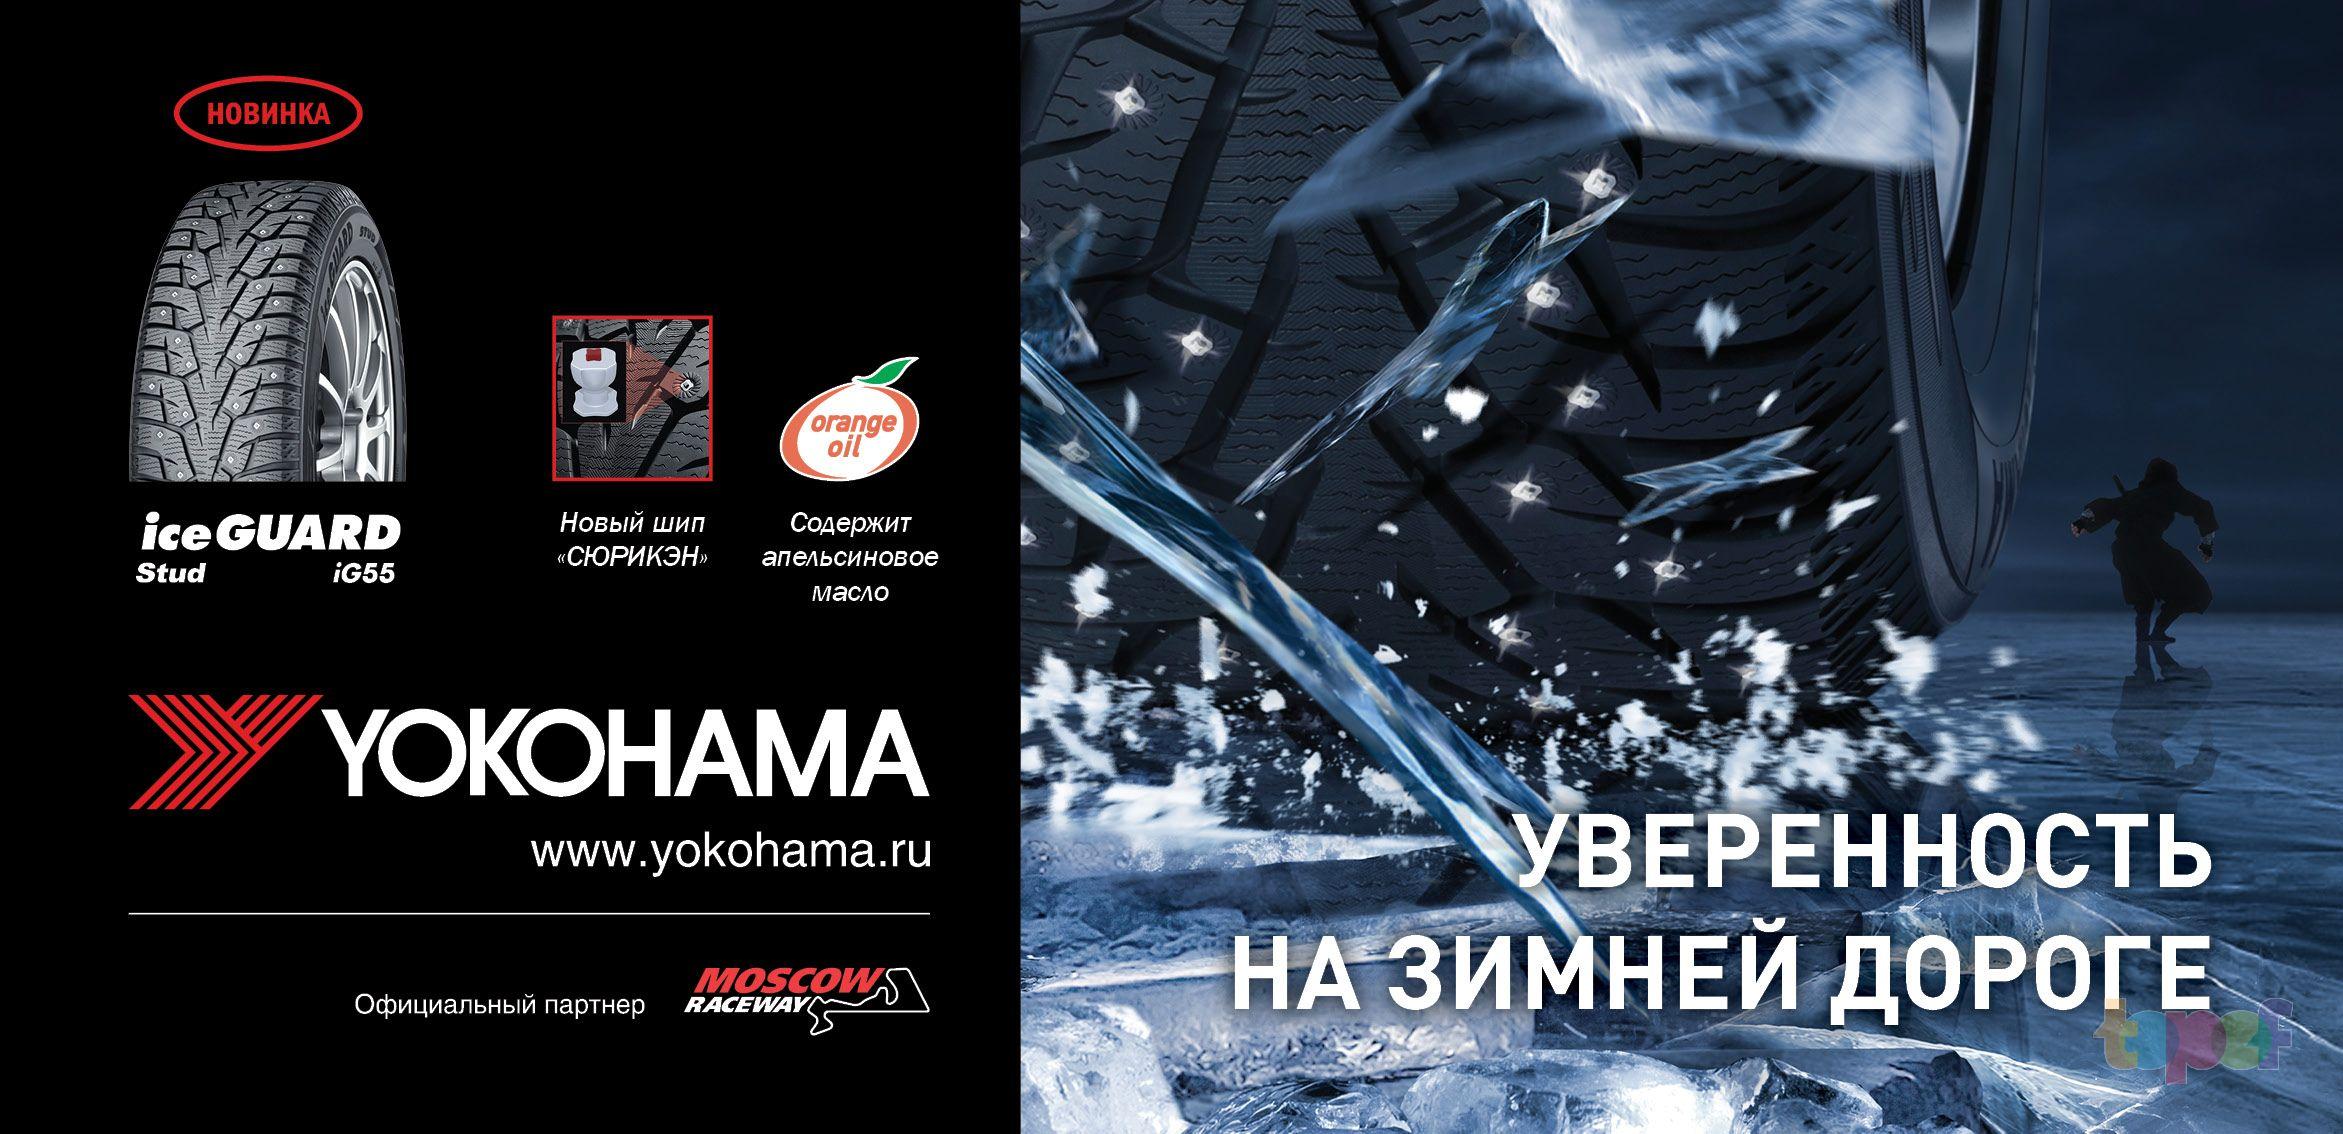 Разное от Yokohama (Шины). Зимний сезон 2014 года